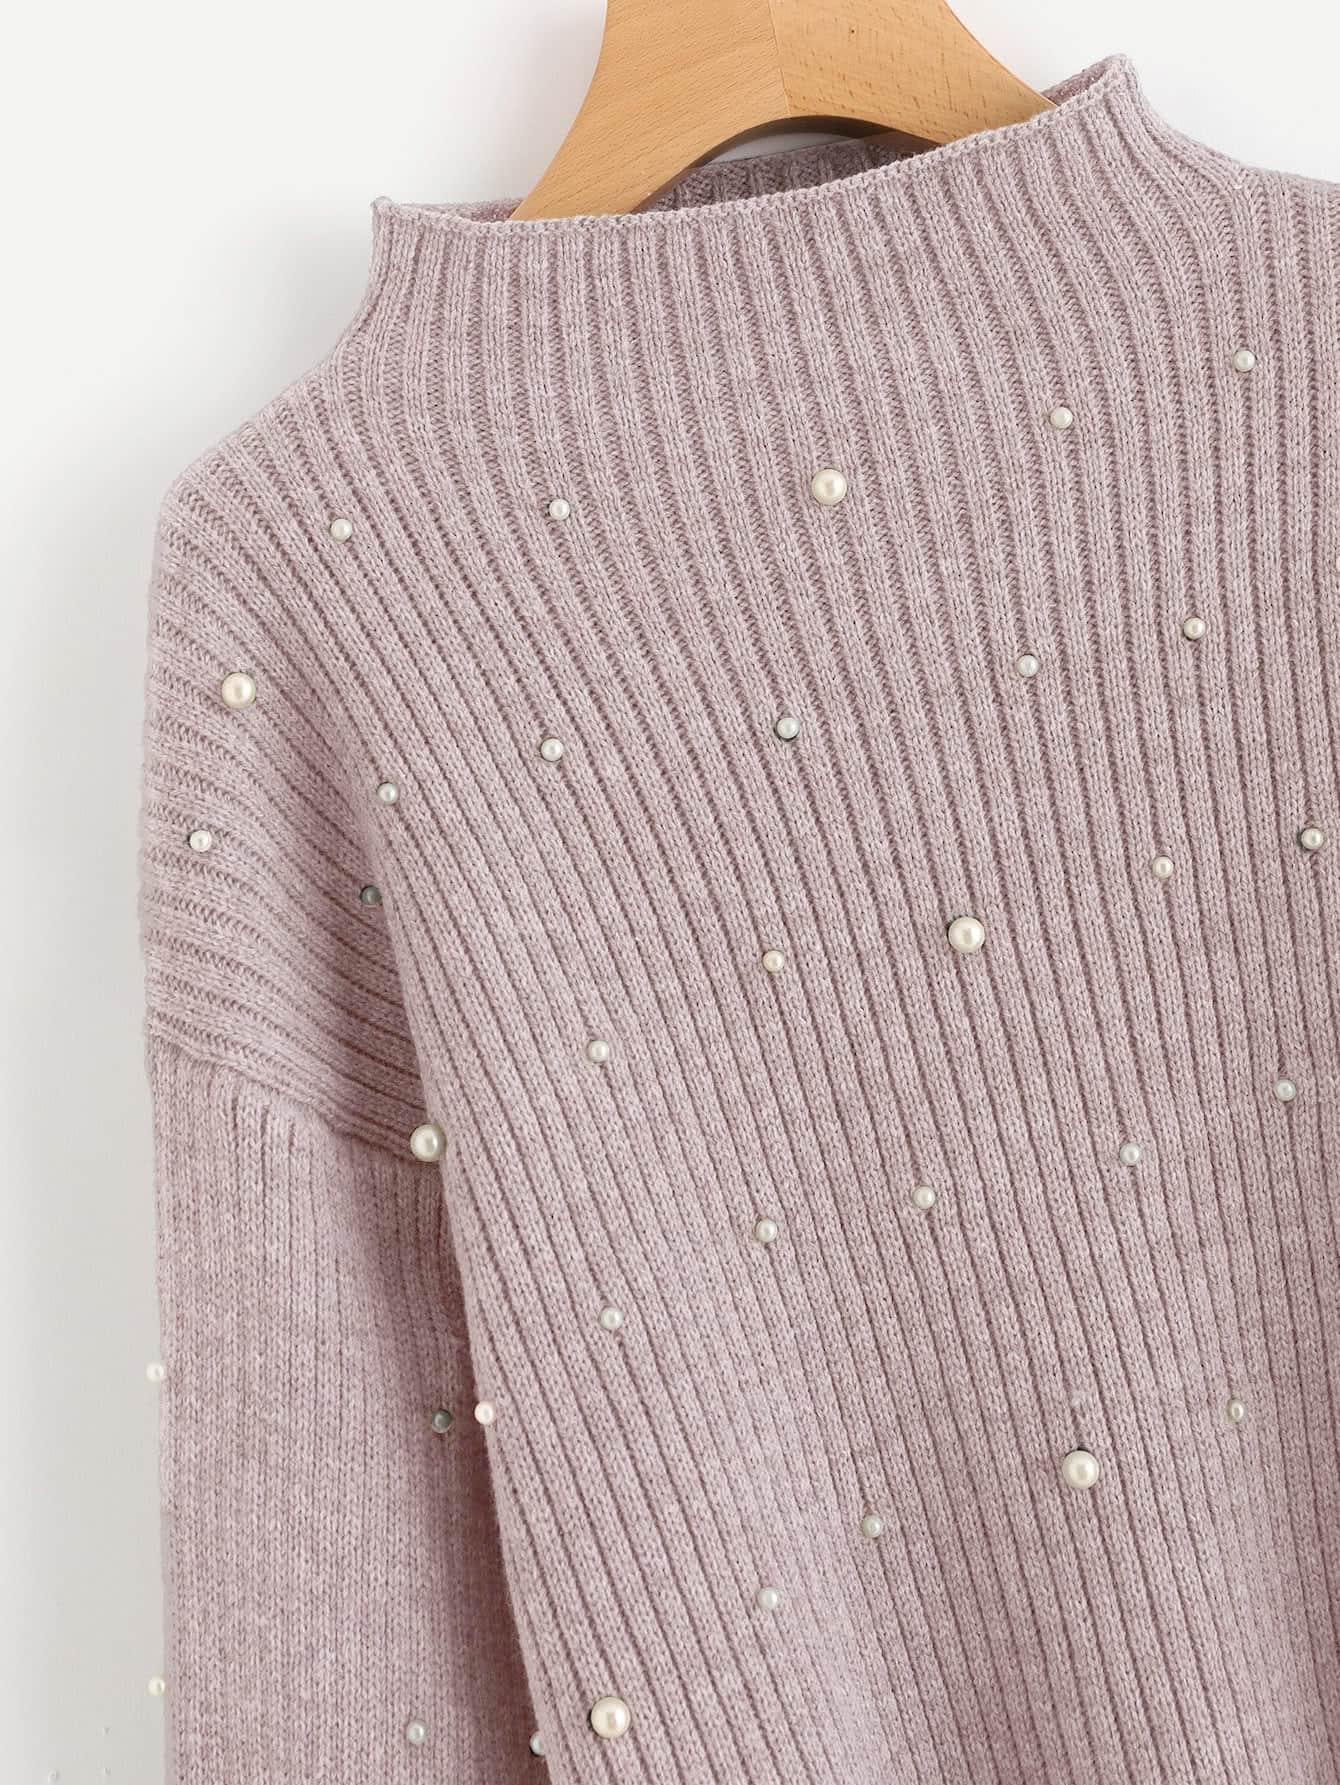 Suéter Rosa con adornos de perlas – Seven Store – Tienda de Ropa para Mujer 2268ff8c71b6